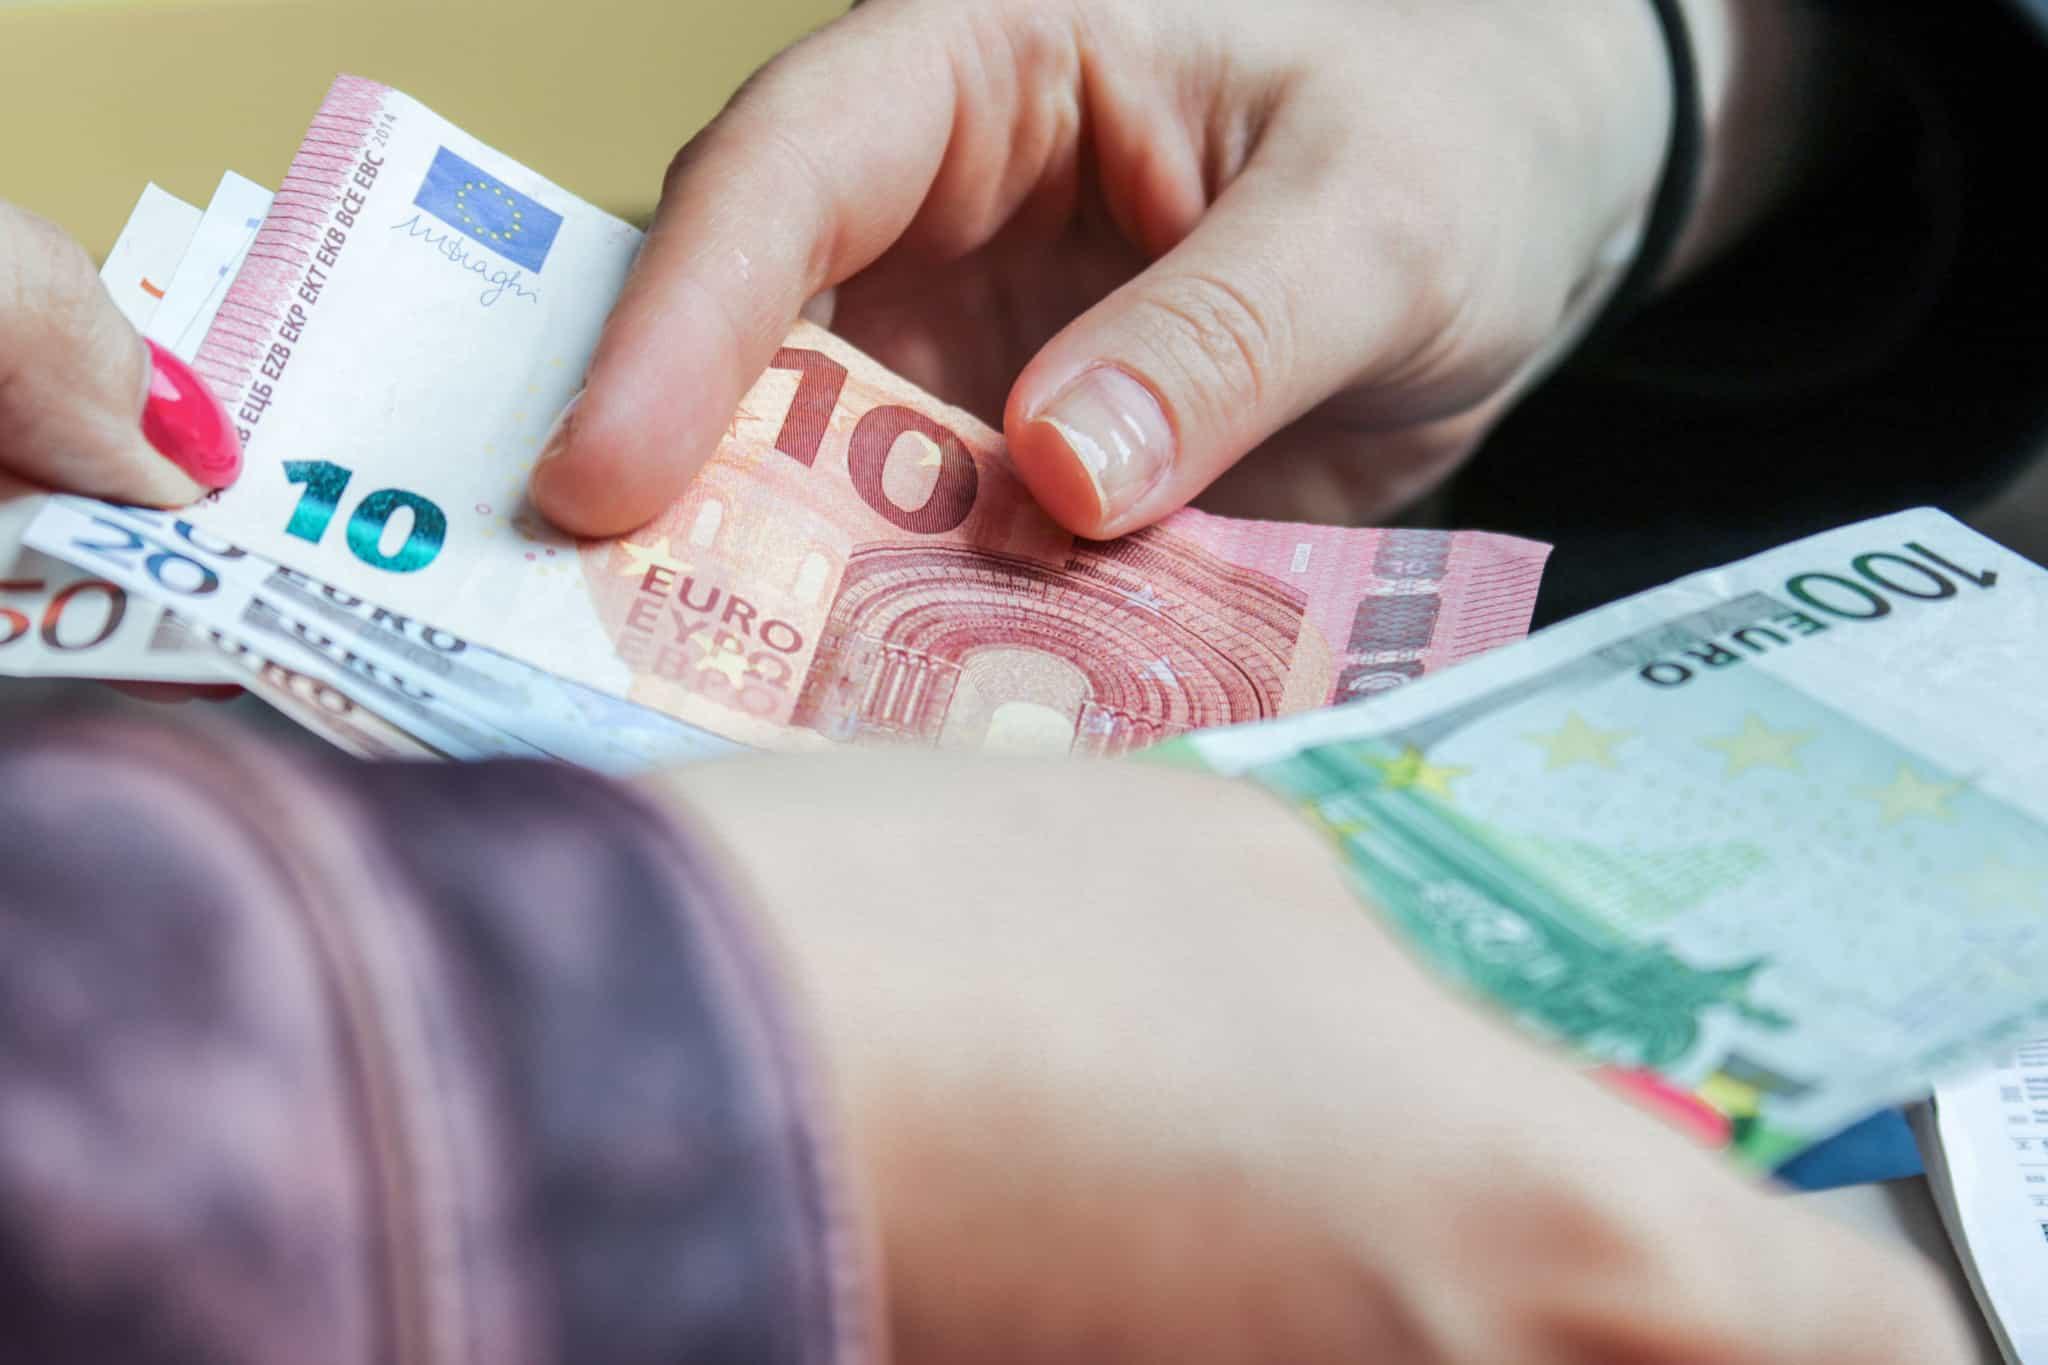 Empréstimo_dinheiro_notas_troca_juros